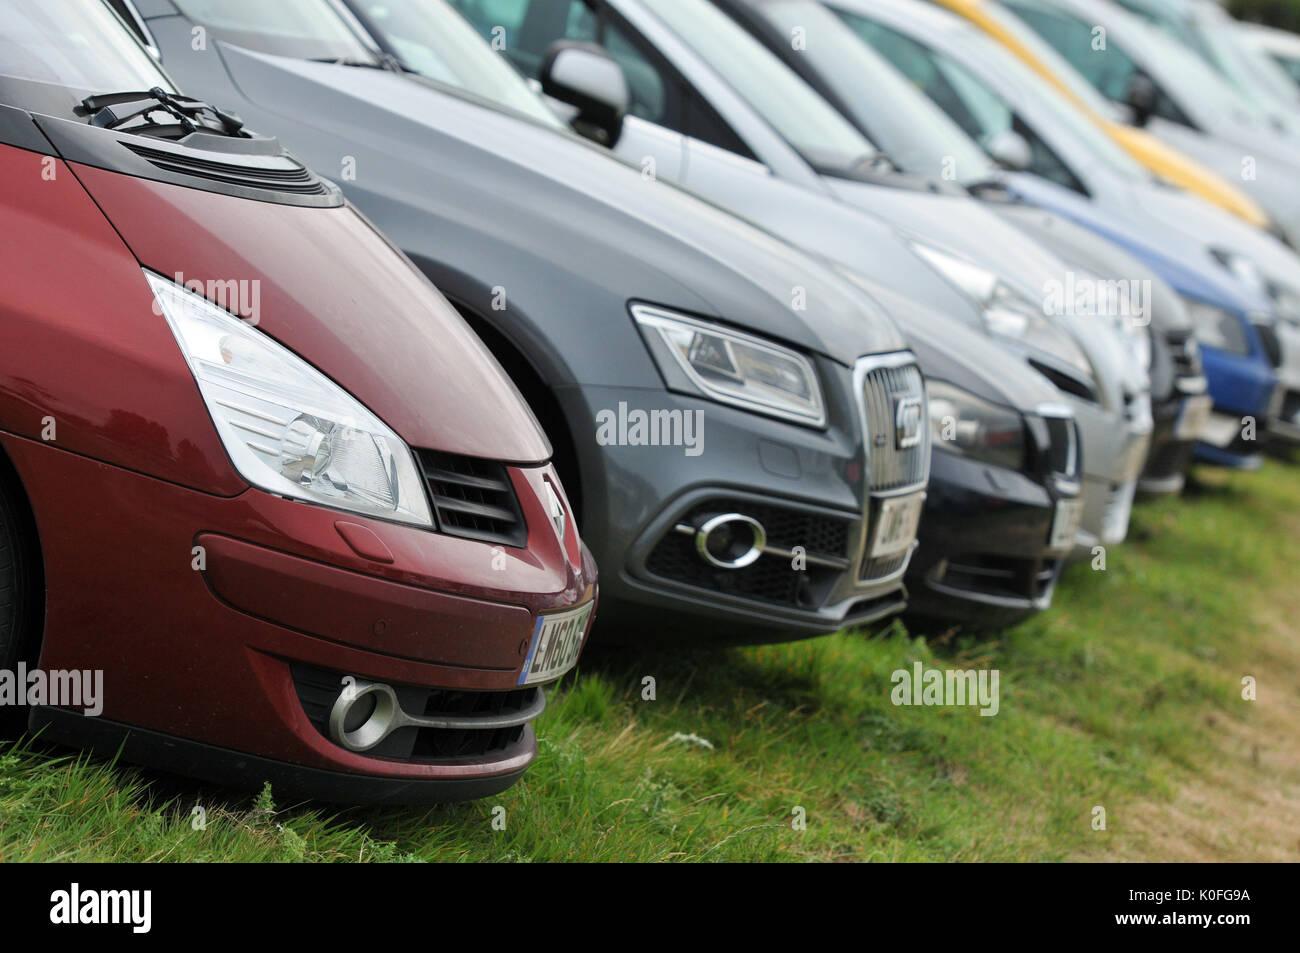 Car Dealerships Stock Photos Amp Car Dealerships Stock Images Alamy